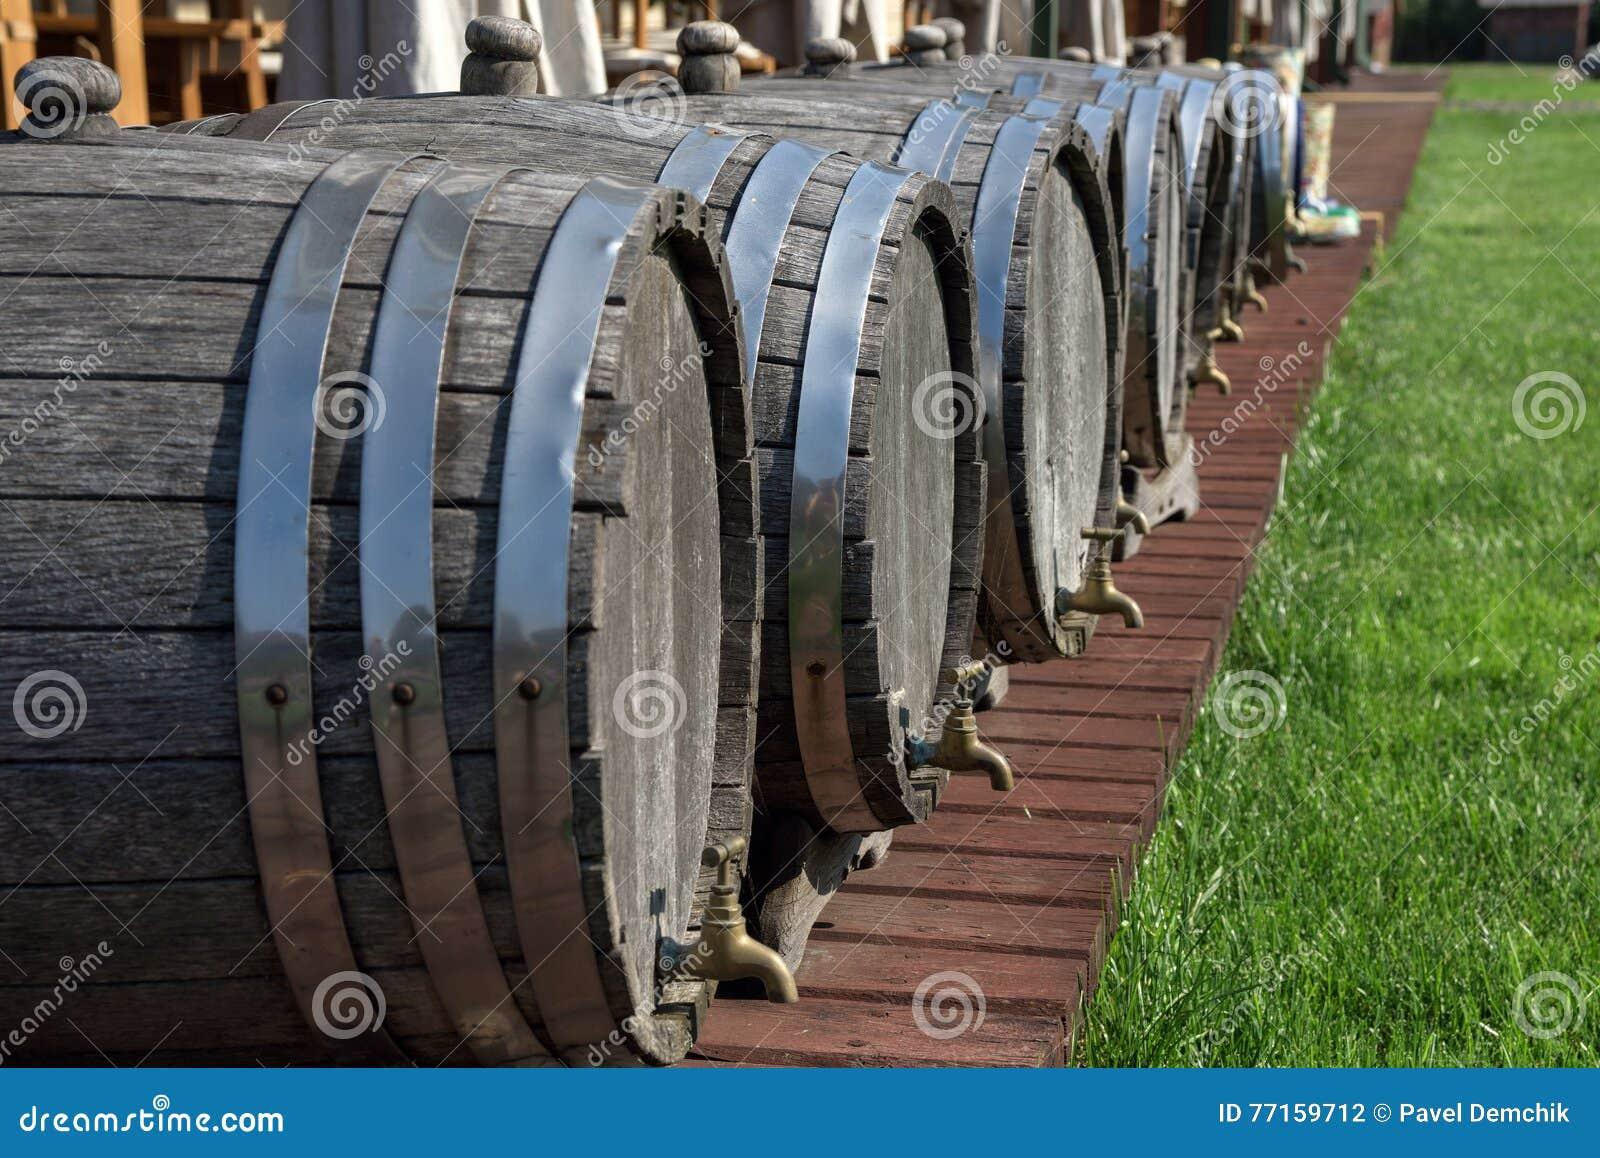 Barils de vin sur le site de restaurant